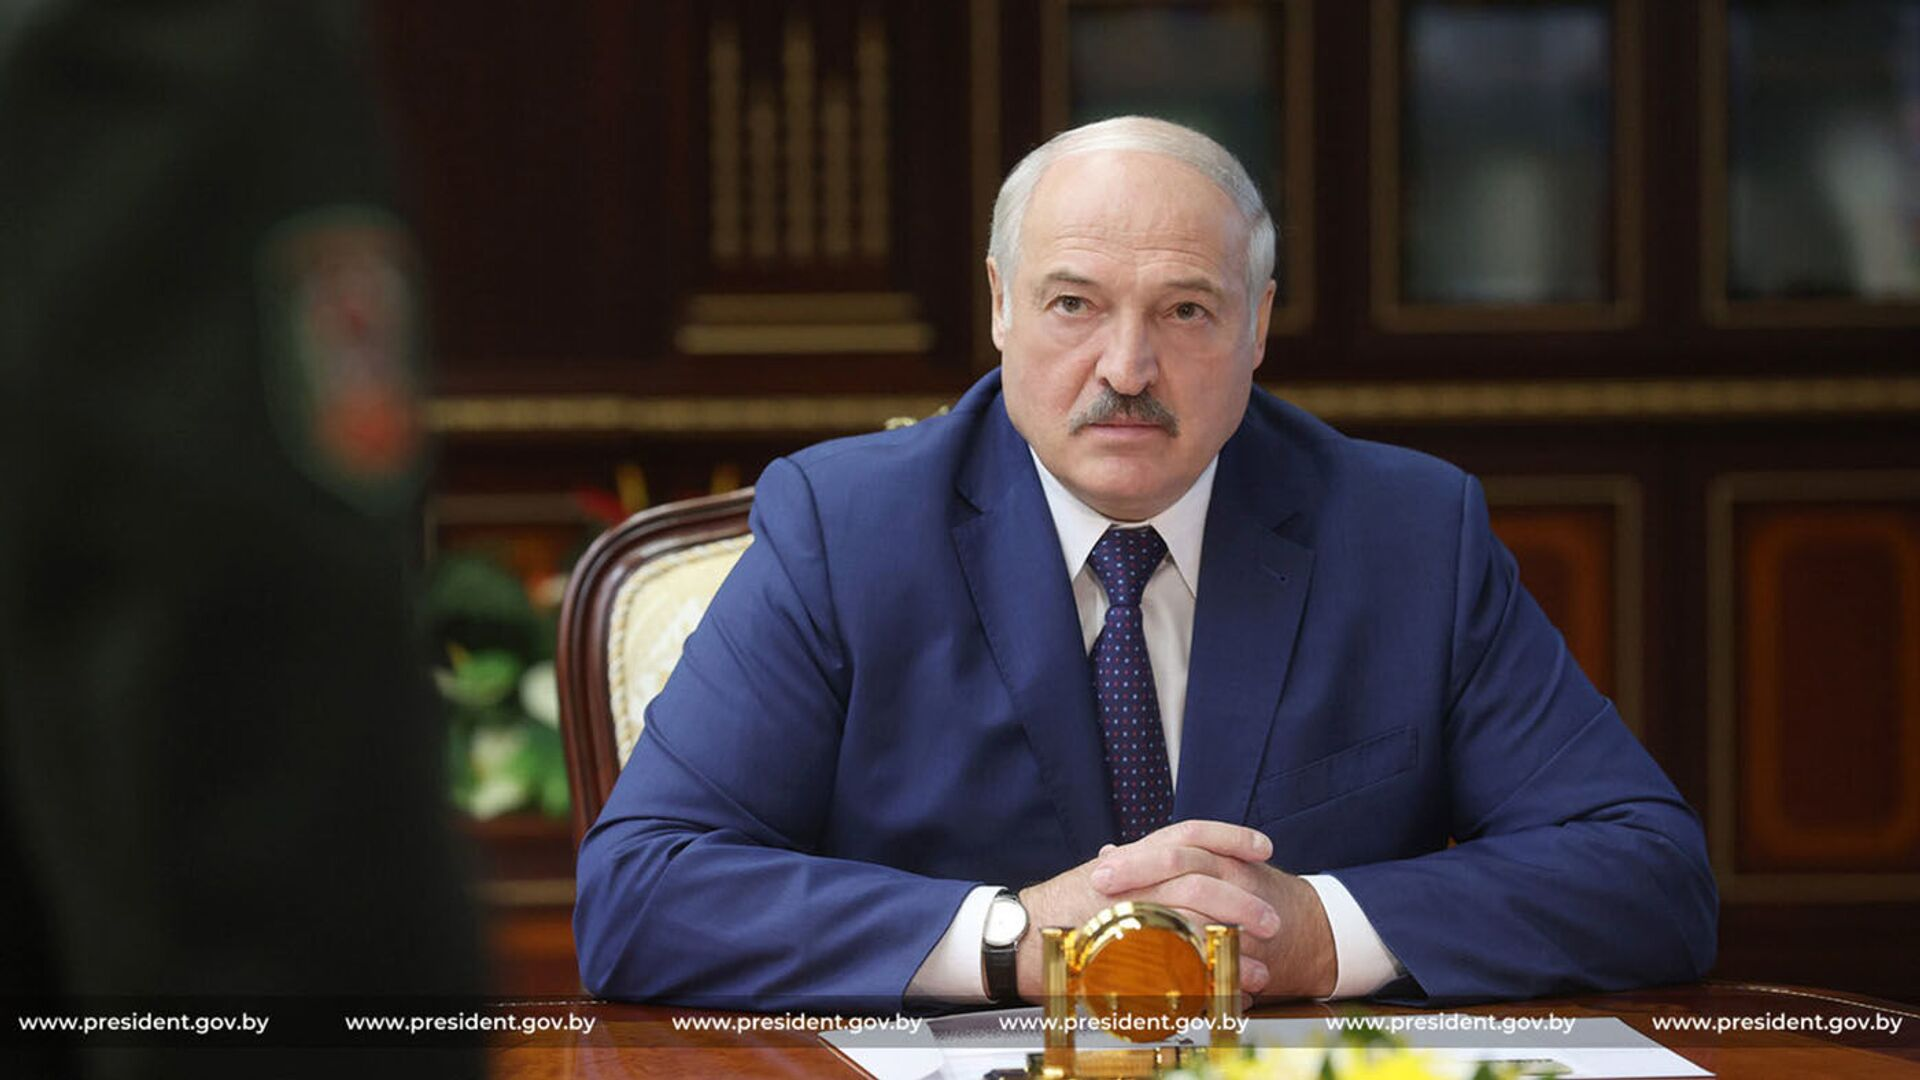 Běloruský prezident Alexandr Lukašenko  - Sputnik Česká republika, 1920, 09.08.2021